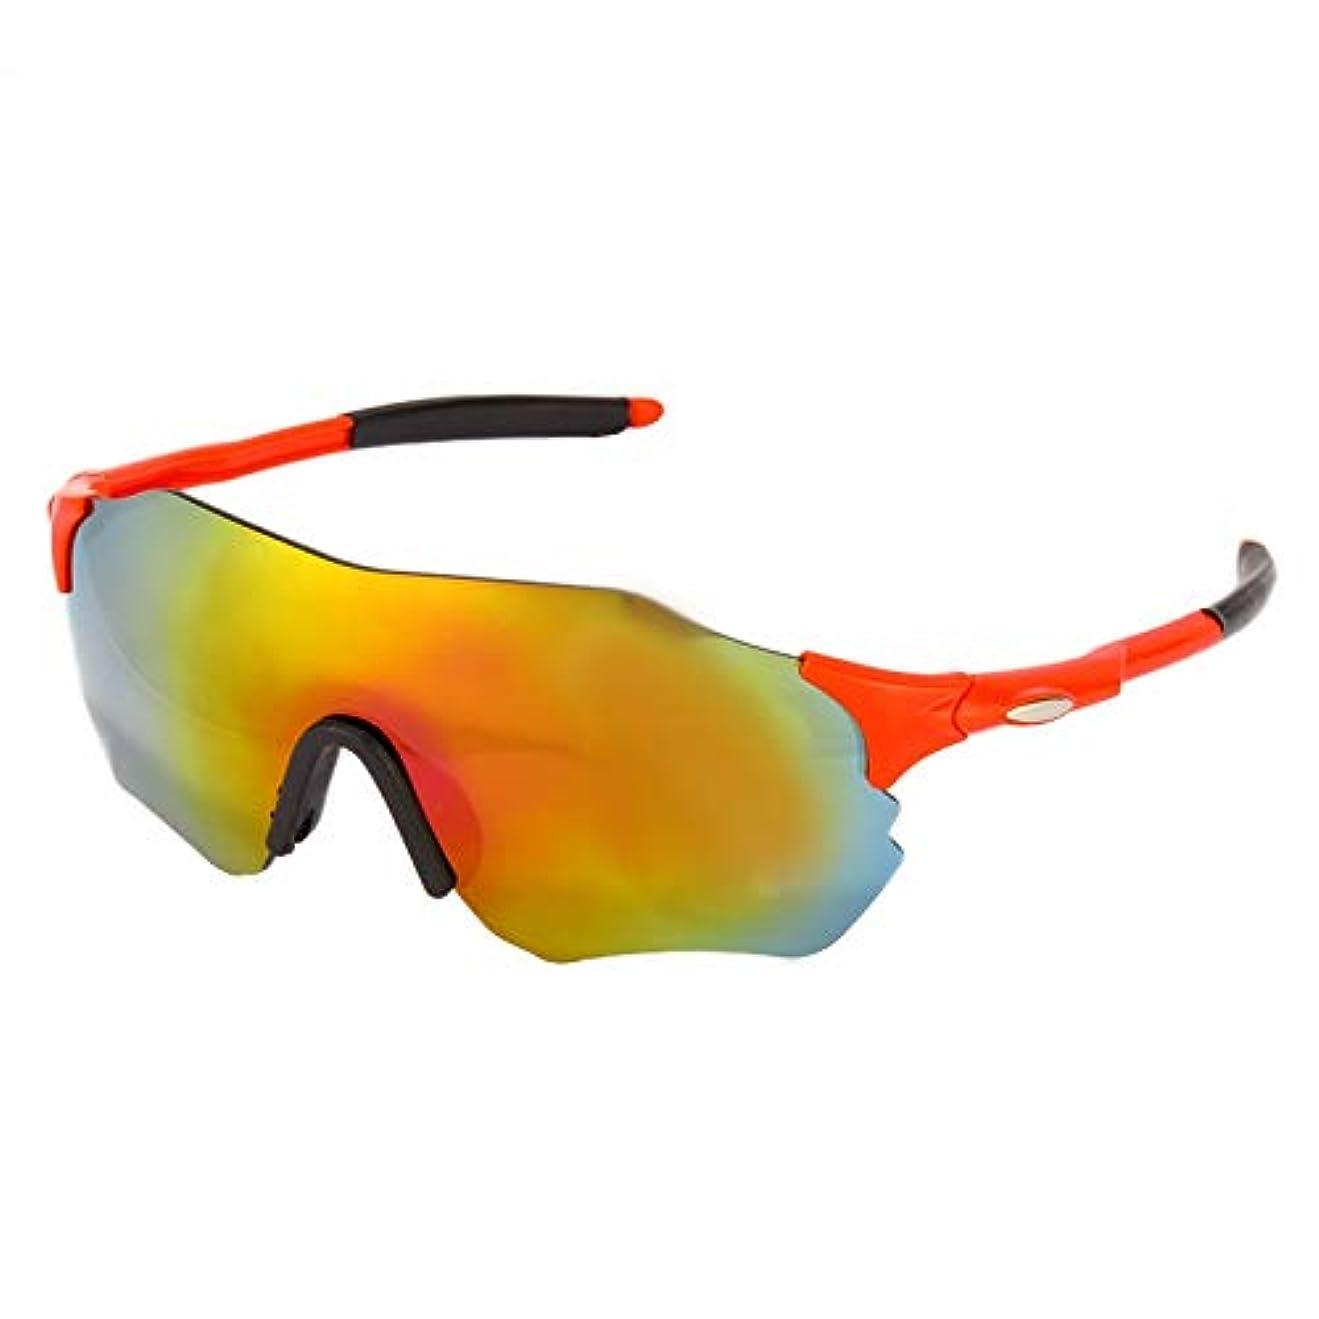 天固執クラウドスポーツスキーゴーグル サイクリングサングラス ゴーグル Zhenkuゴーグルスポーツバイクメガネに乗っメガネメガネマウンテンバイクマウンテンバイクのメガネに乗って自転車のメガネ (Color : Style 2)